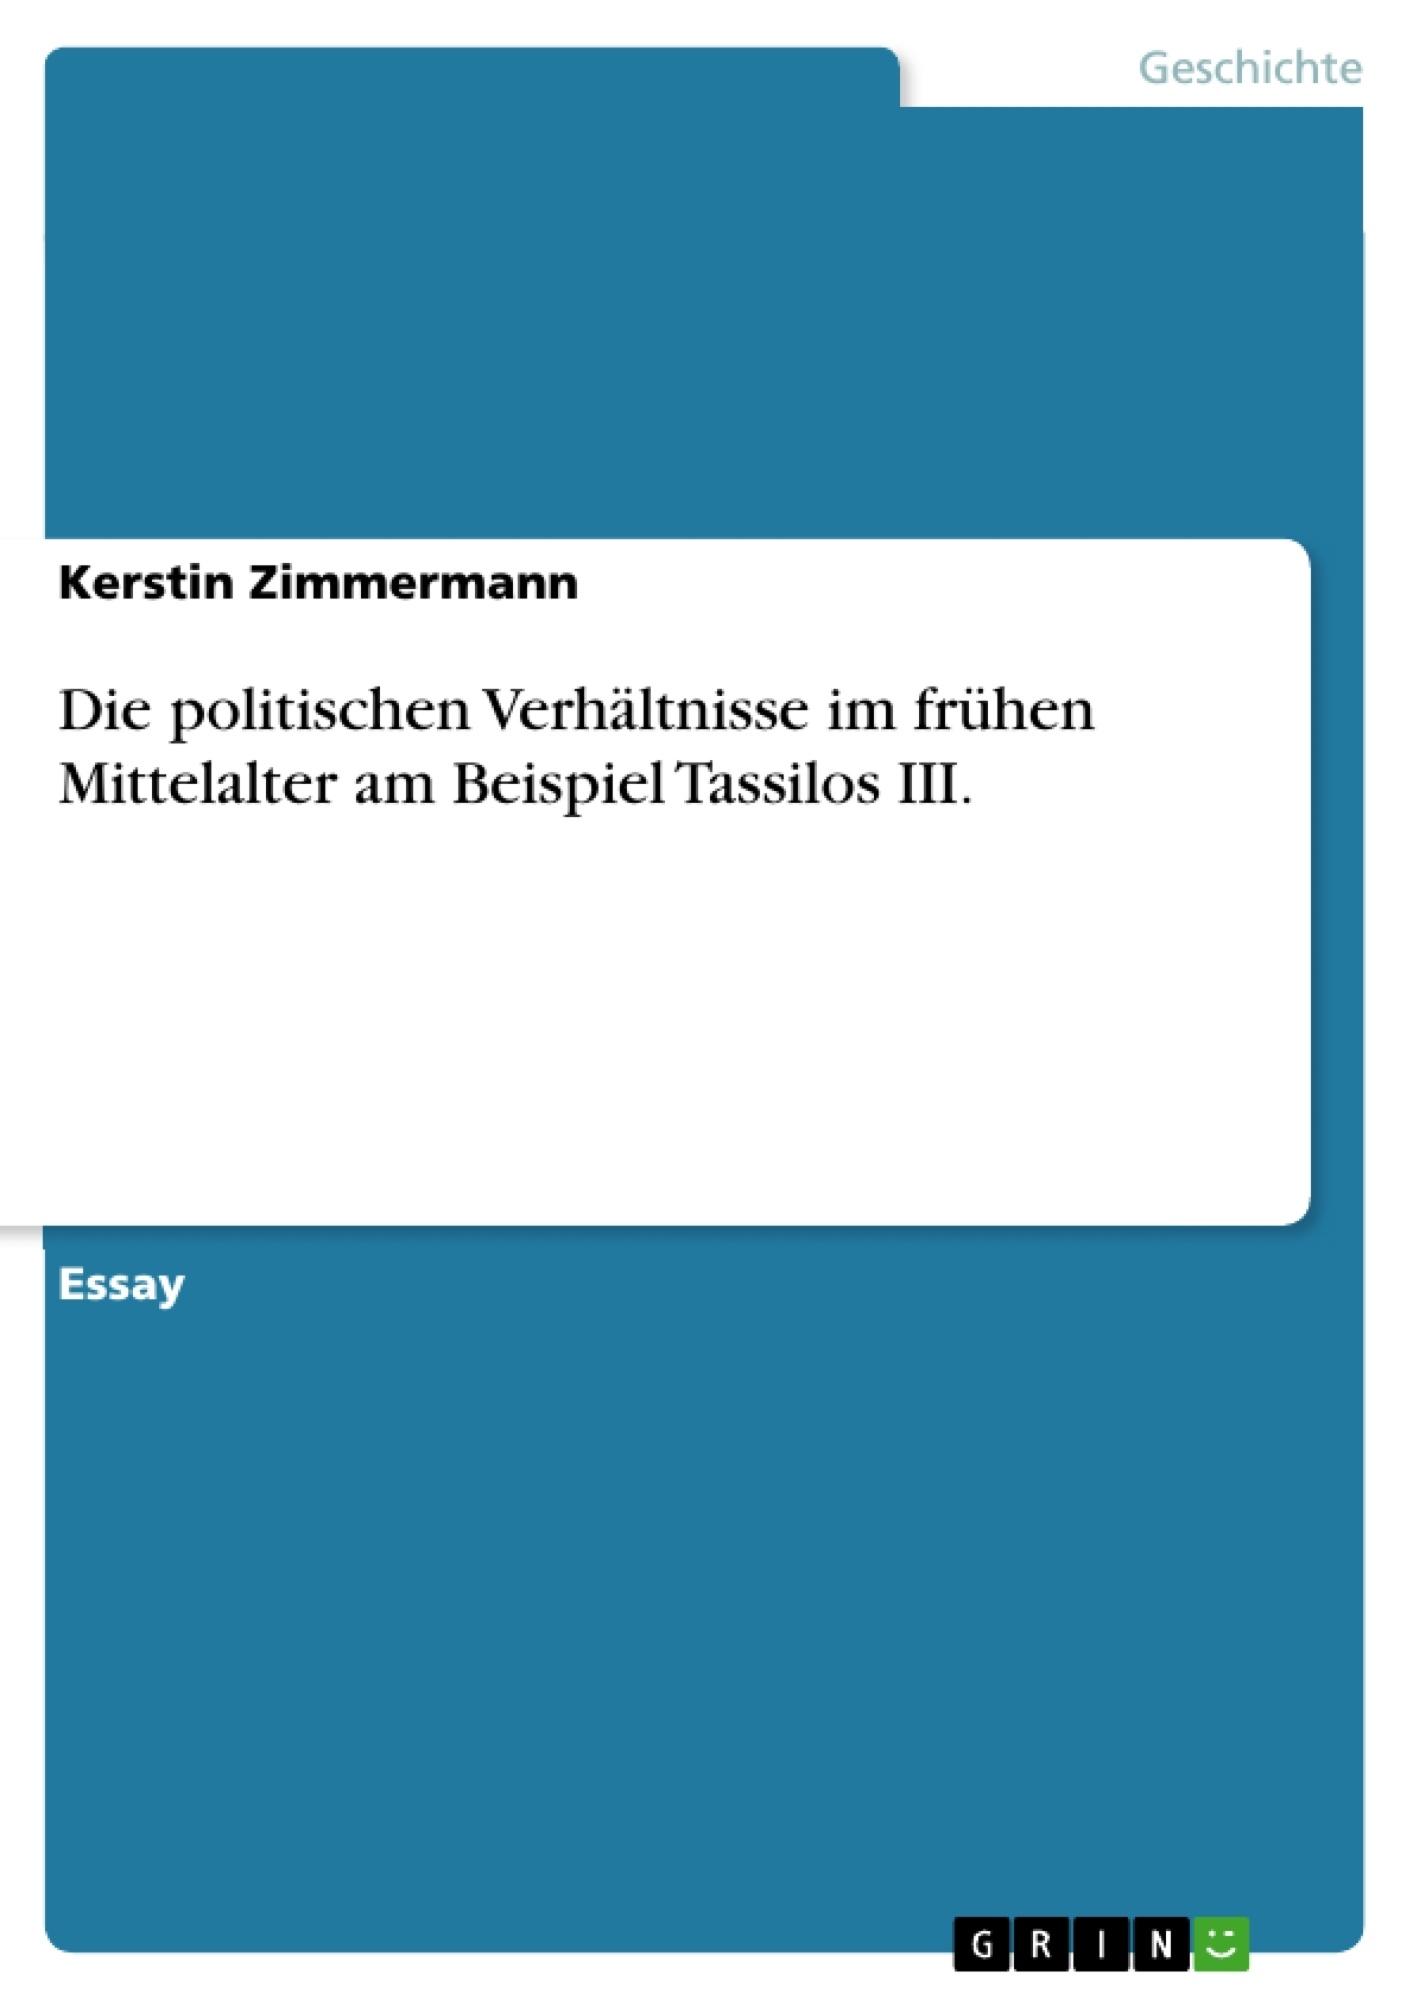 Titel: Die politischen Verhältnisse im frühen Mittelalter am Beispiel Tassilos III.